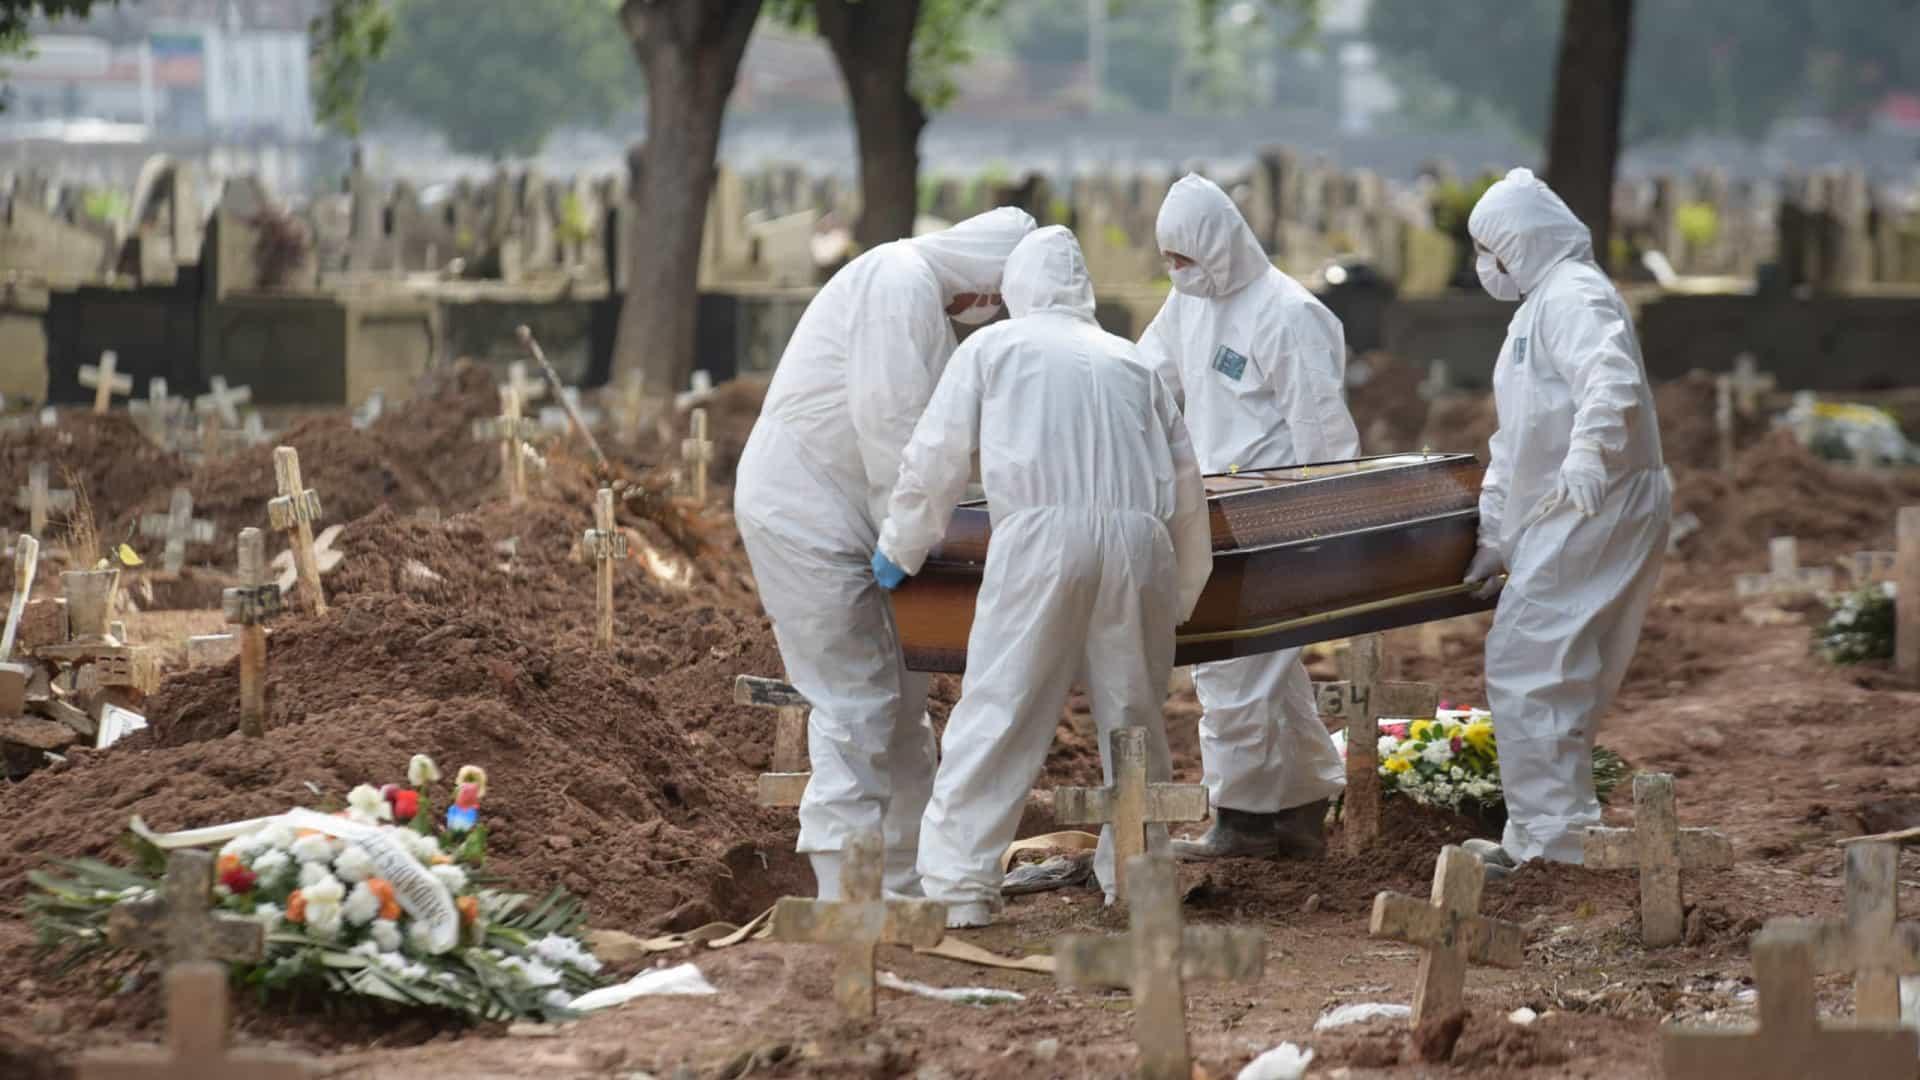 Última semana teve mais mortes do que primeiros 72 dias de pandemia no Brasil